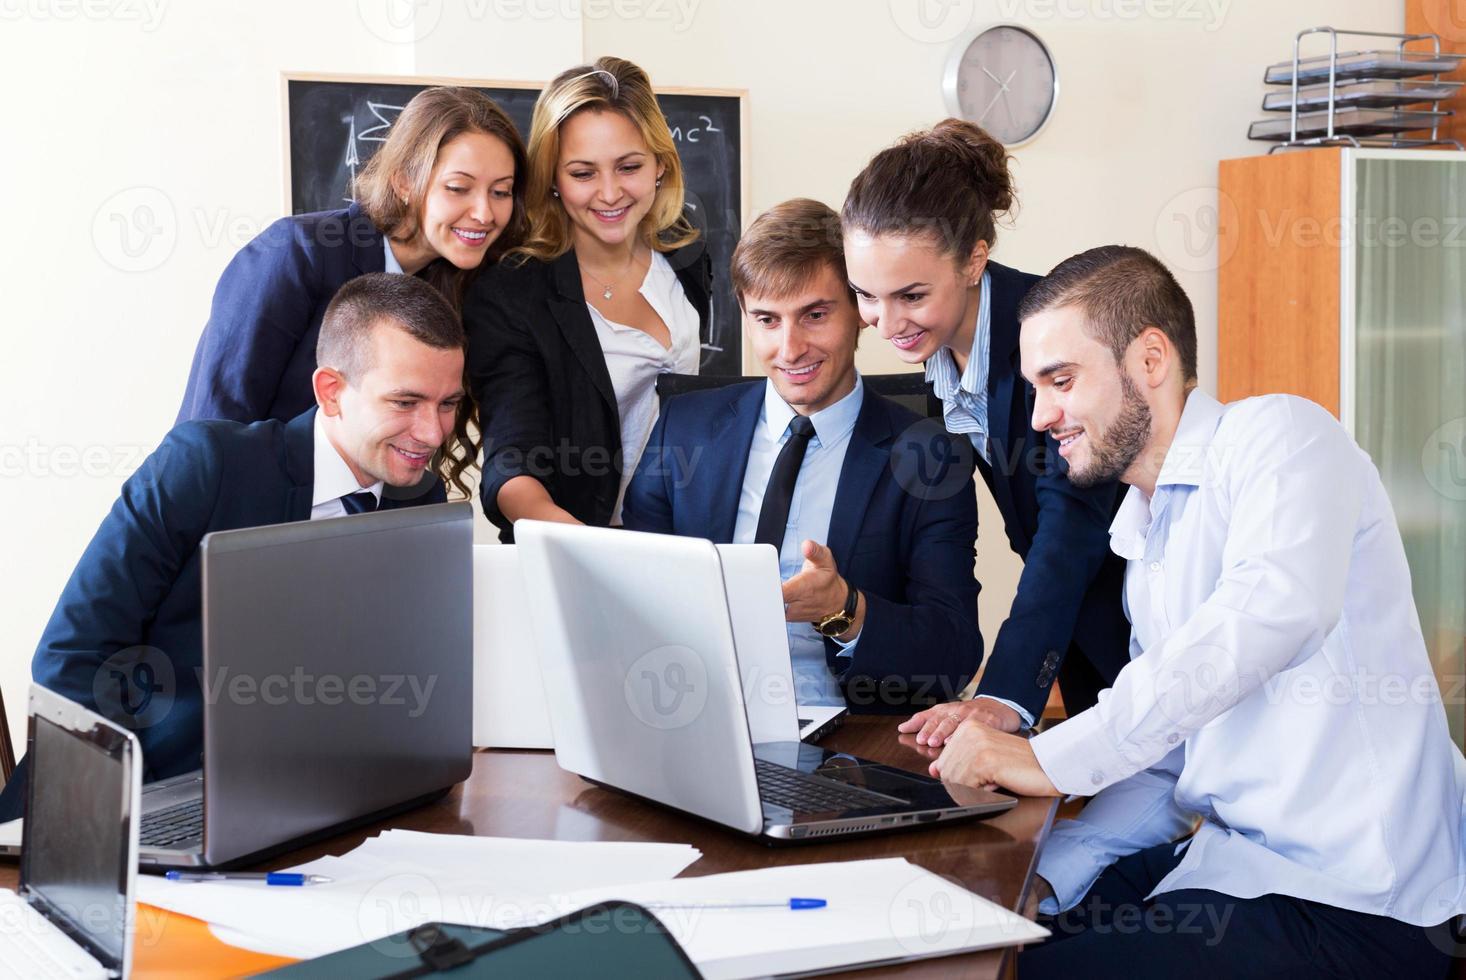 Chef mit untergeordneten Beamten diskutieren foto